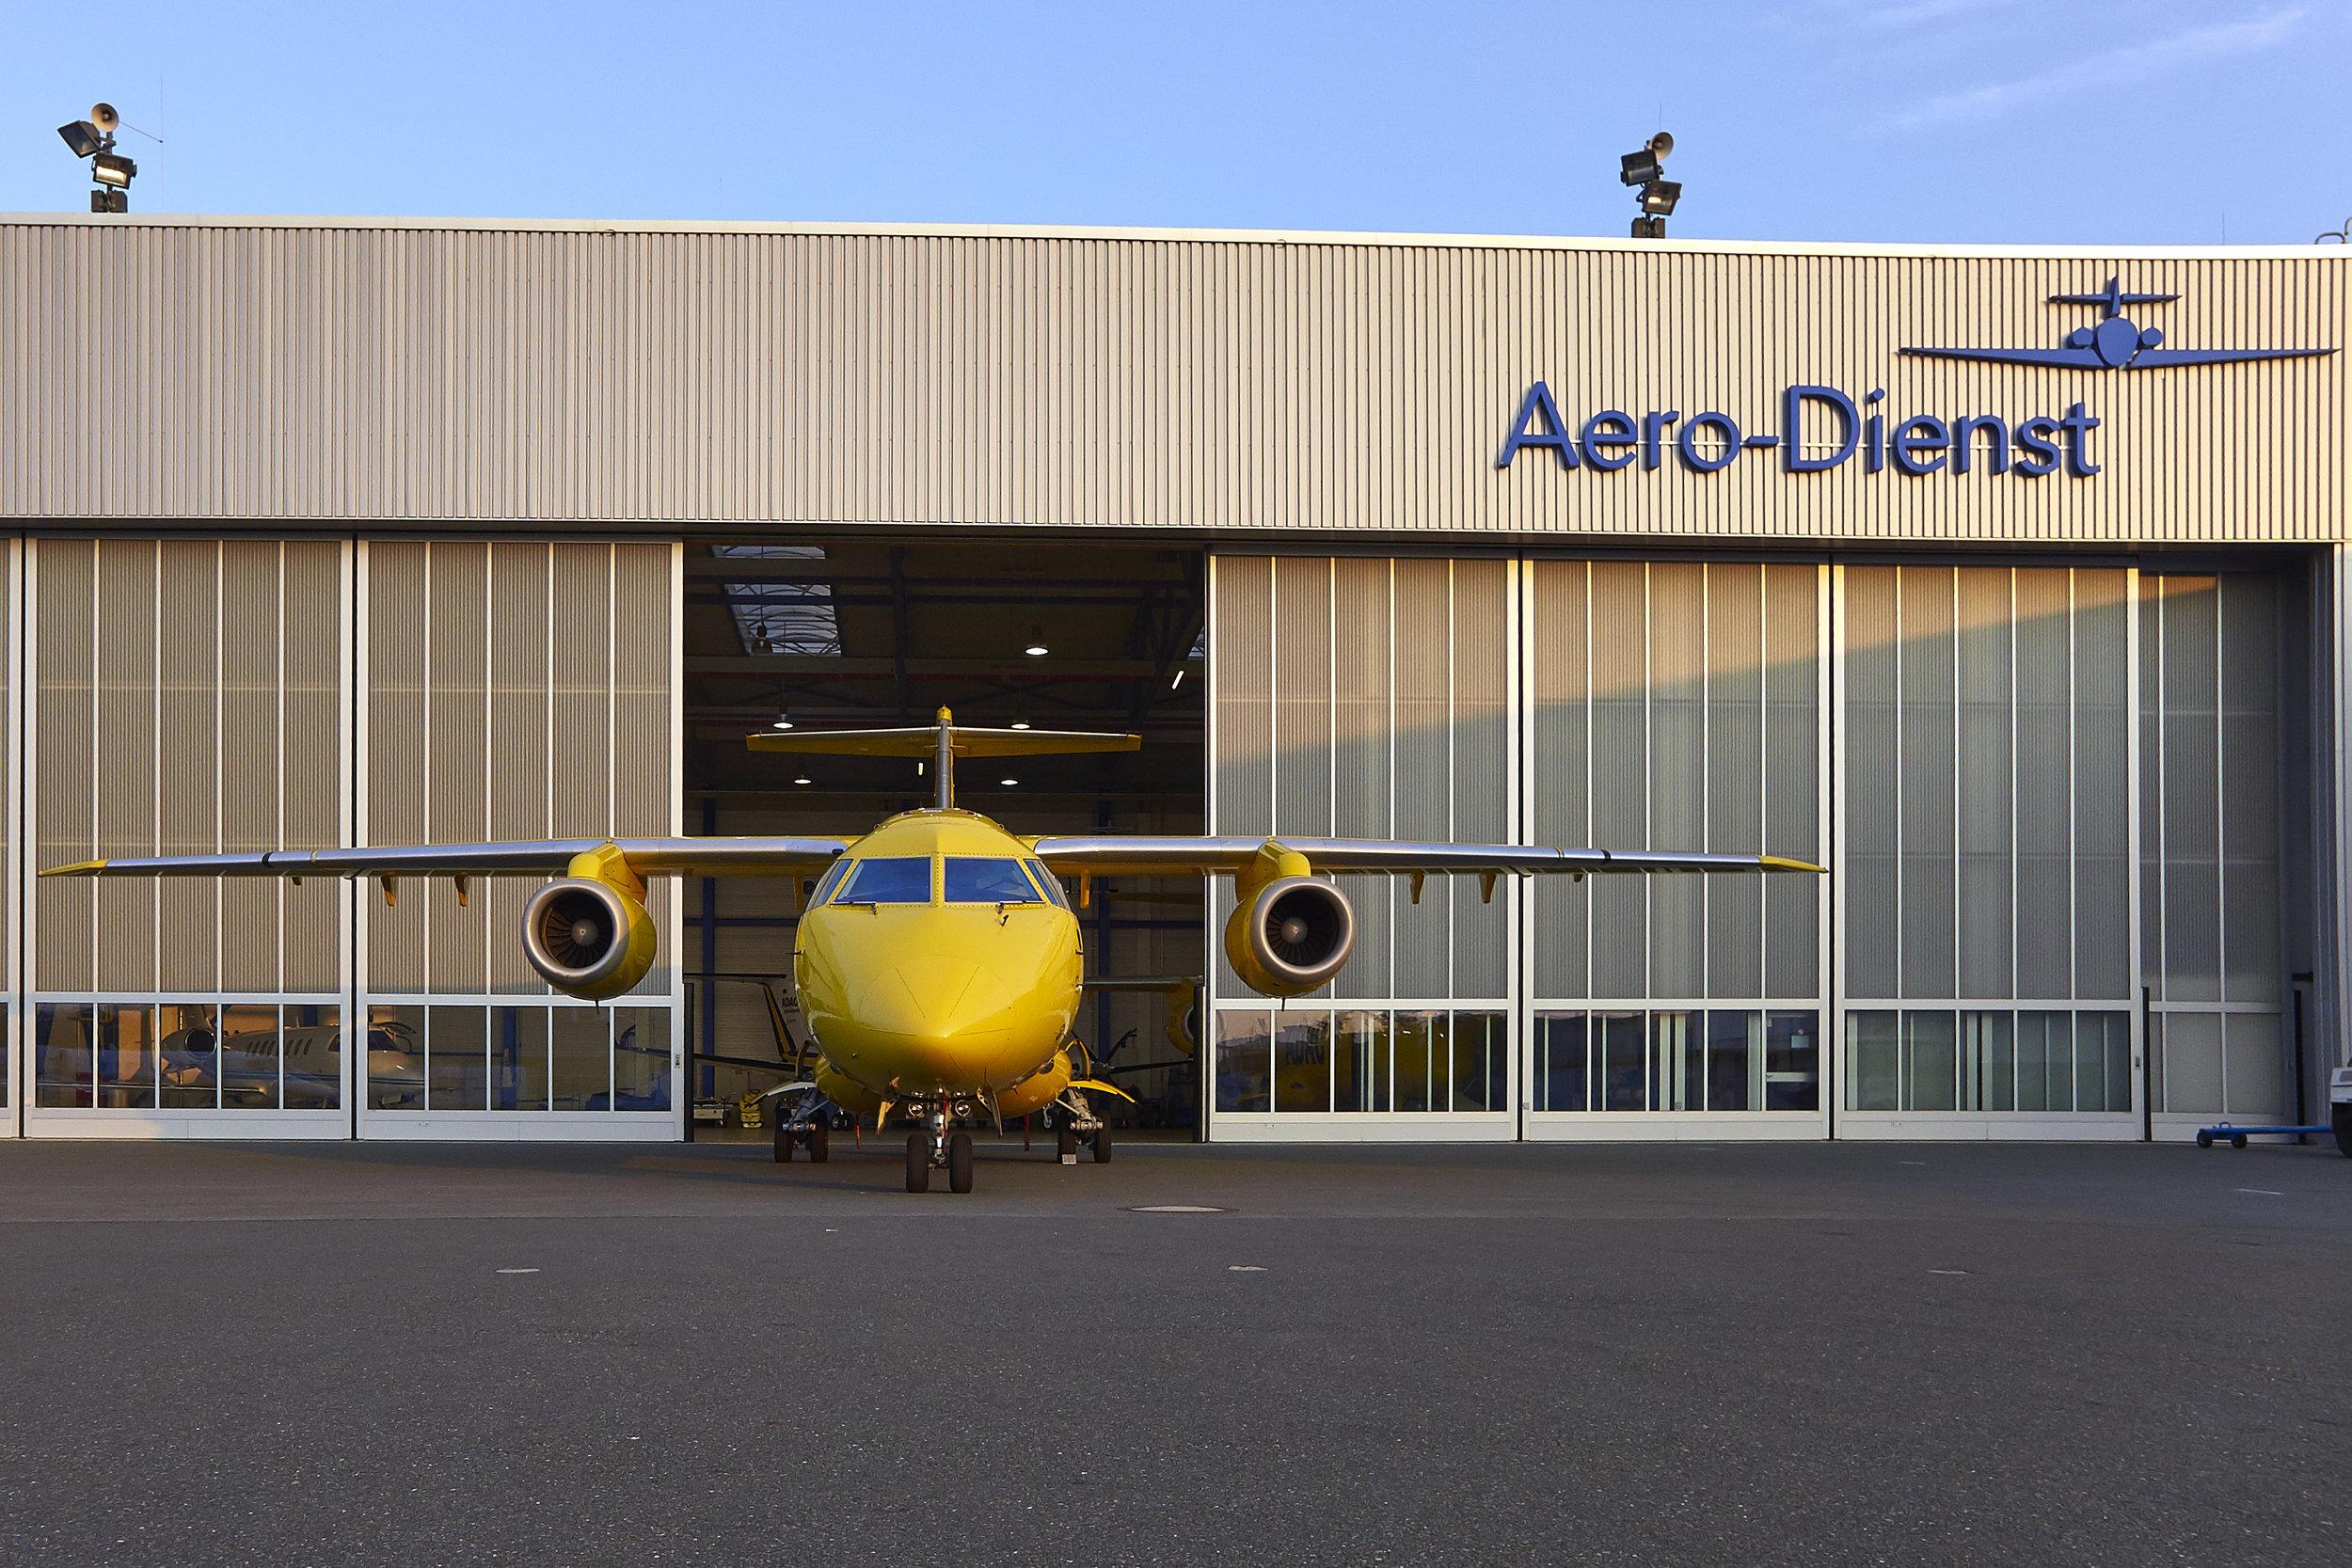 ADAC_Aerodienst_002.jpg